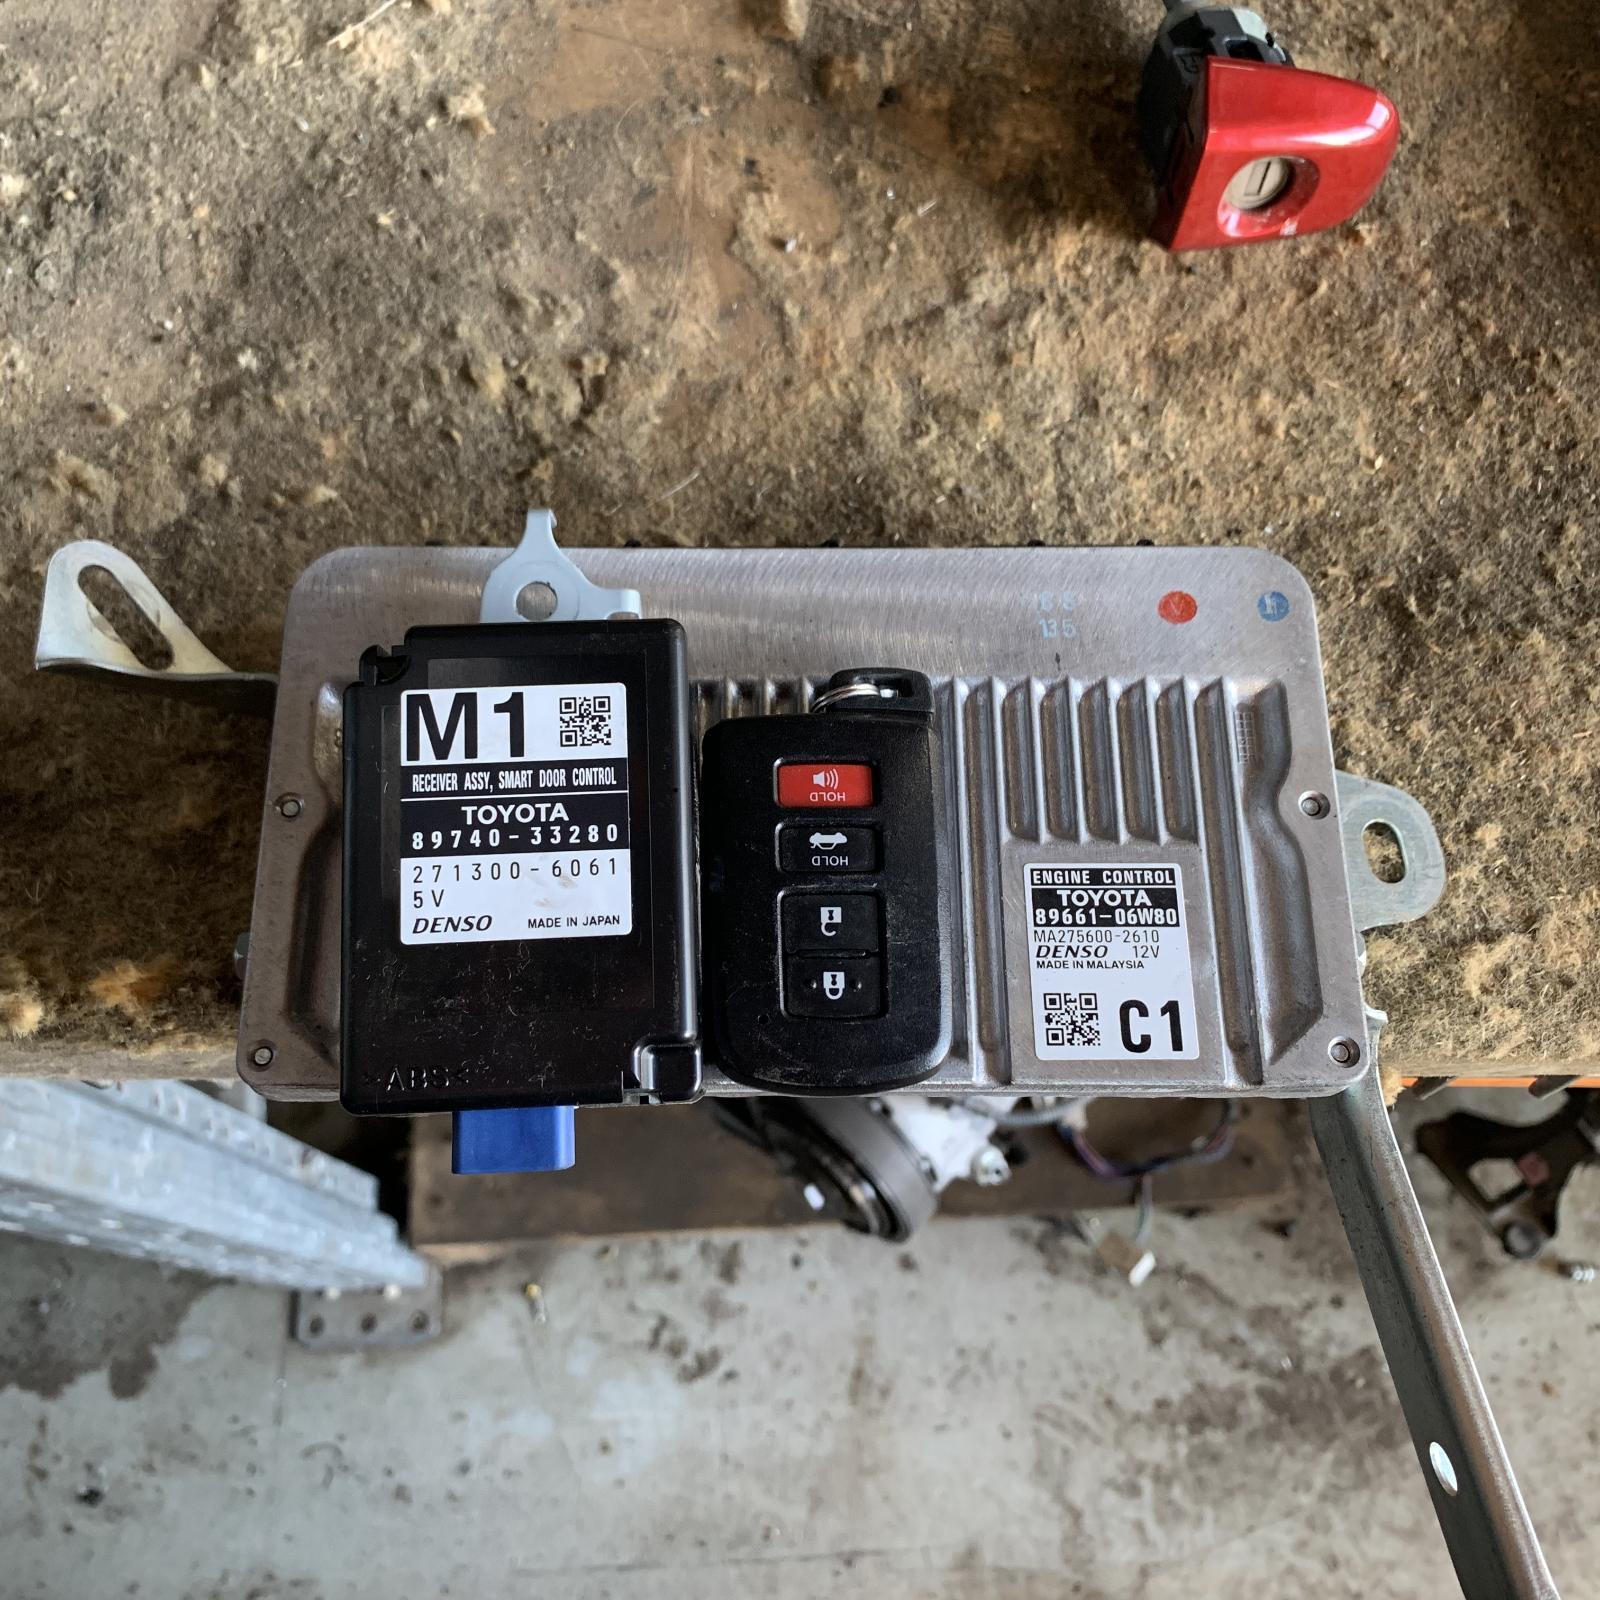 TOYOTA AURION, Ecu, ENGINE ECU, ECU ONLY, GSV50R, 04/12-08/17